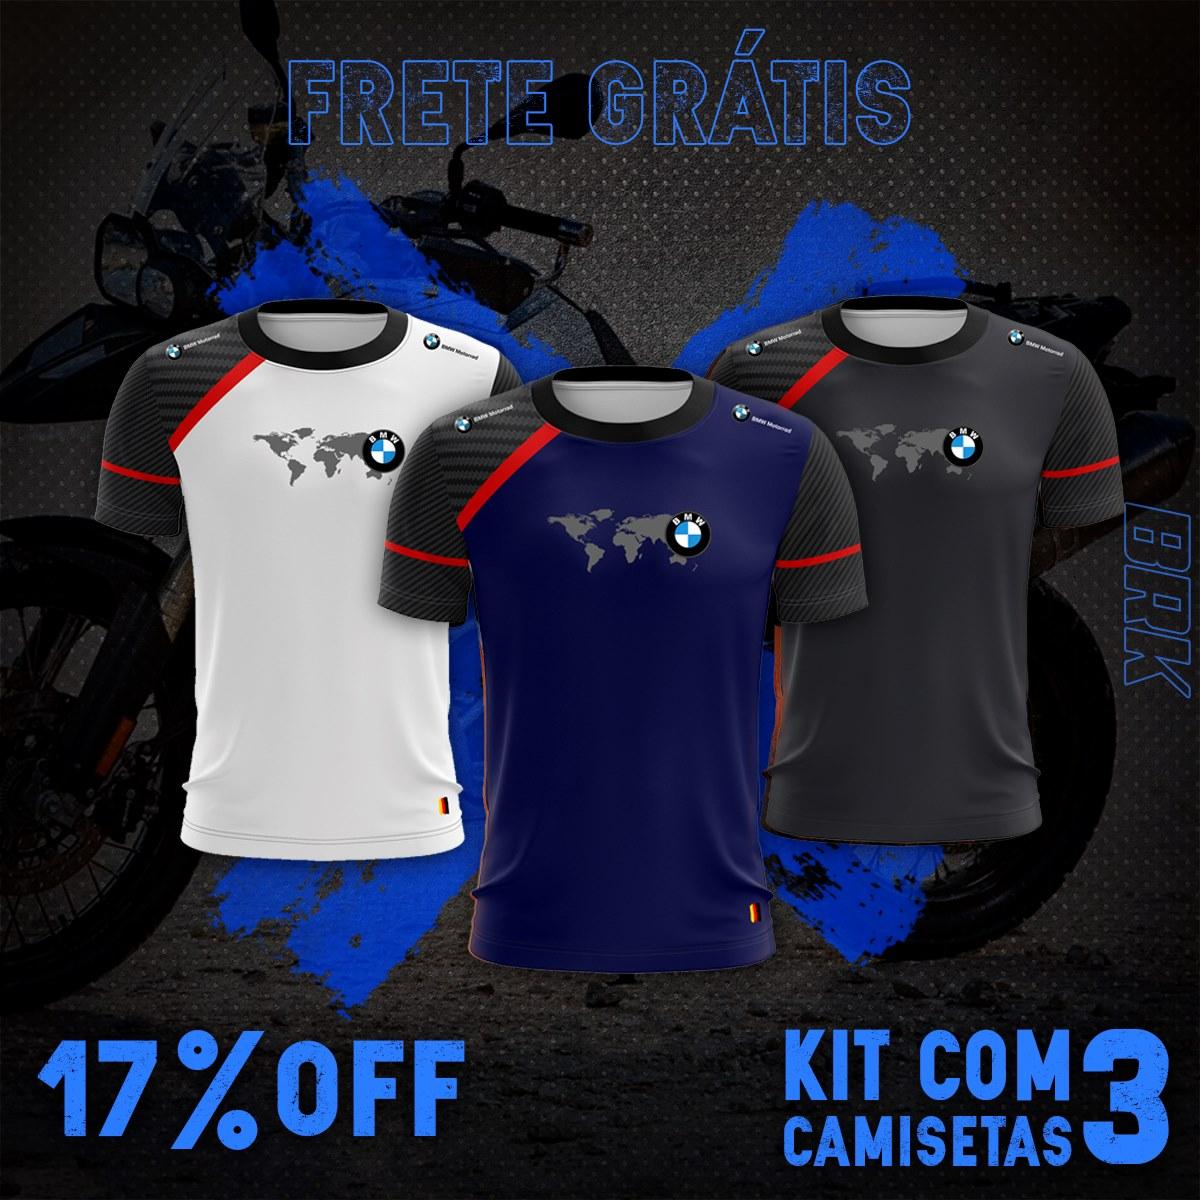 Kit 3 Camisetas Brk Motociclismo Bmw com FPU 50+